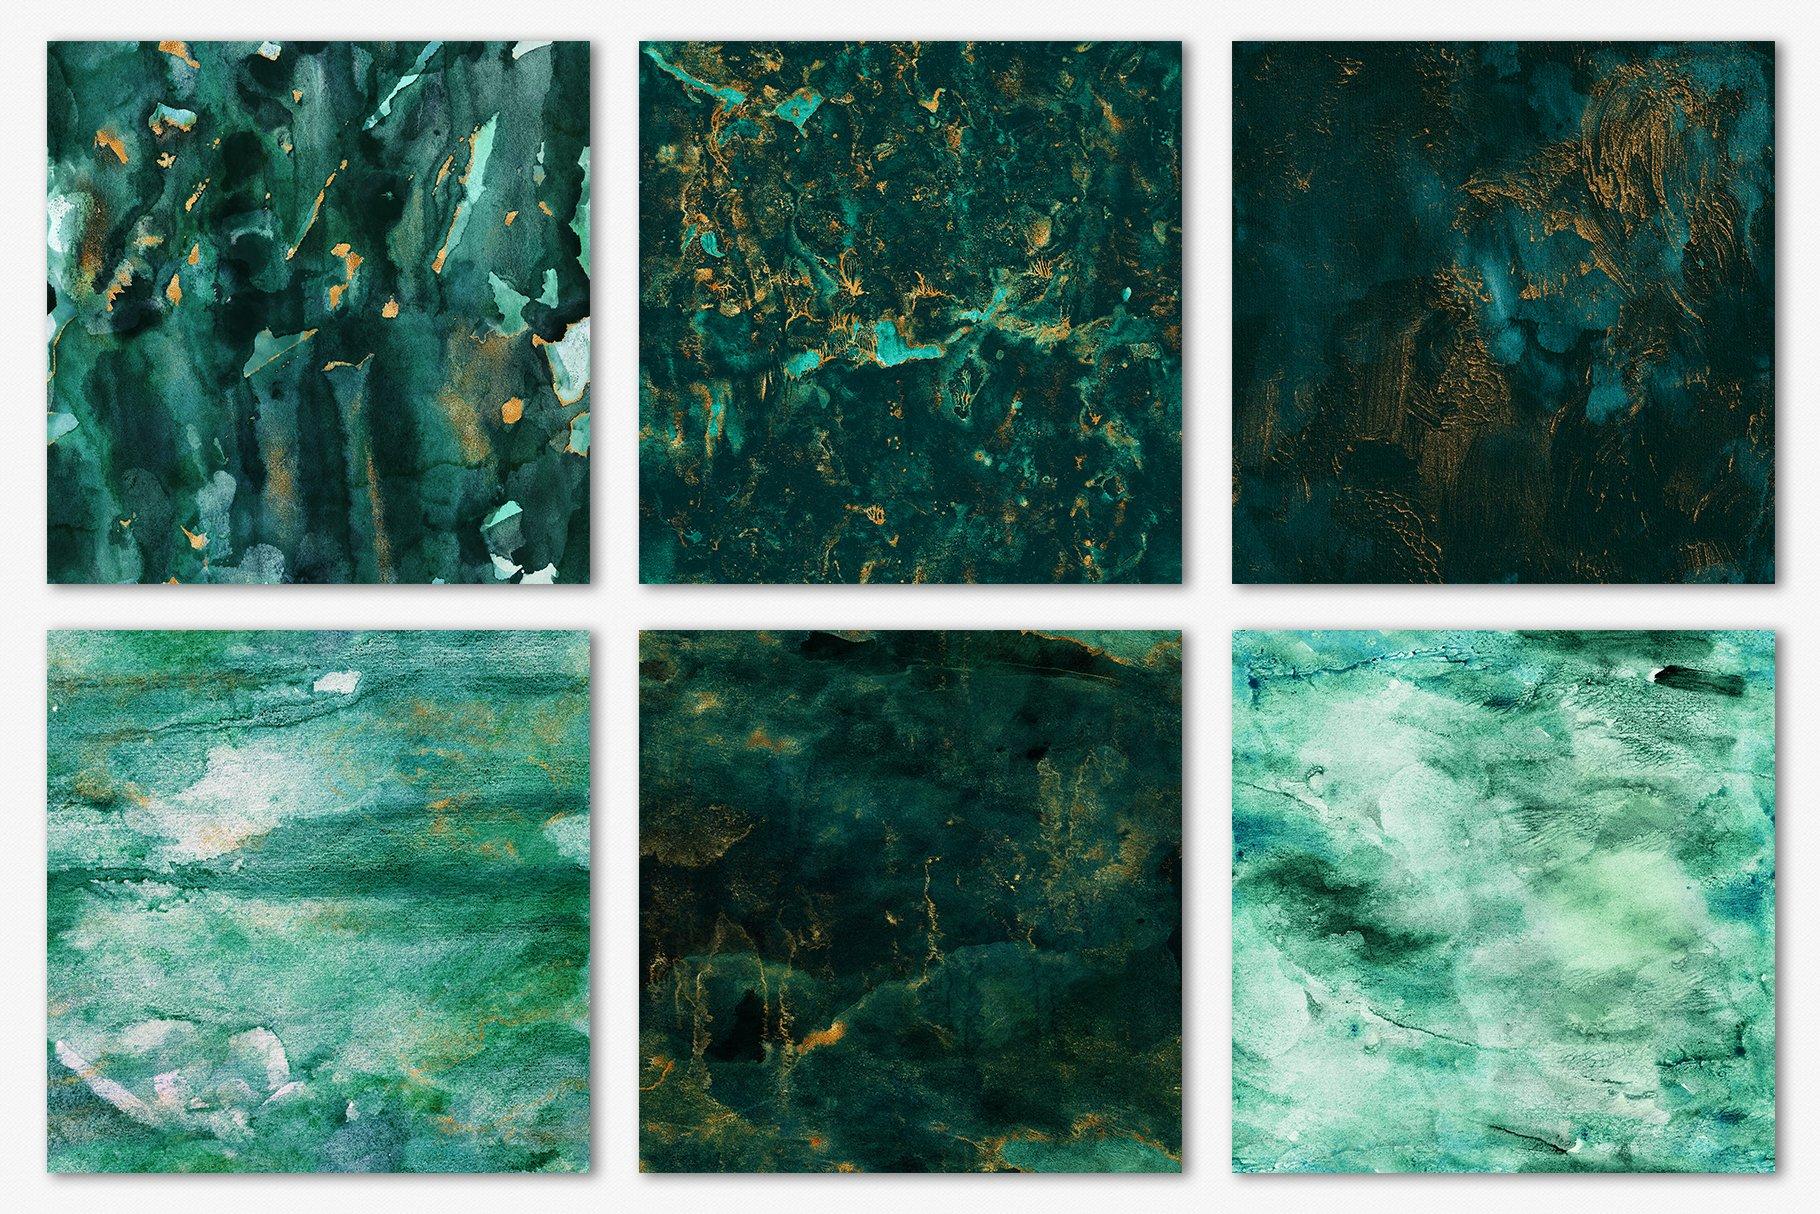 30款奢华翡翠墨绿流金水彩抽象艺术装饰背景底纹图片素材 Seamless Watercolor Backgrounds插图12